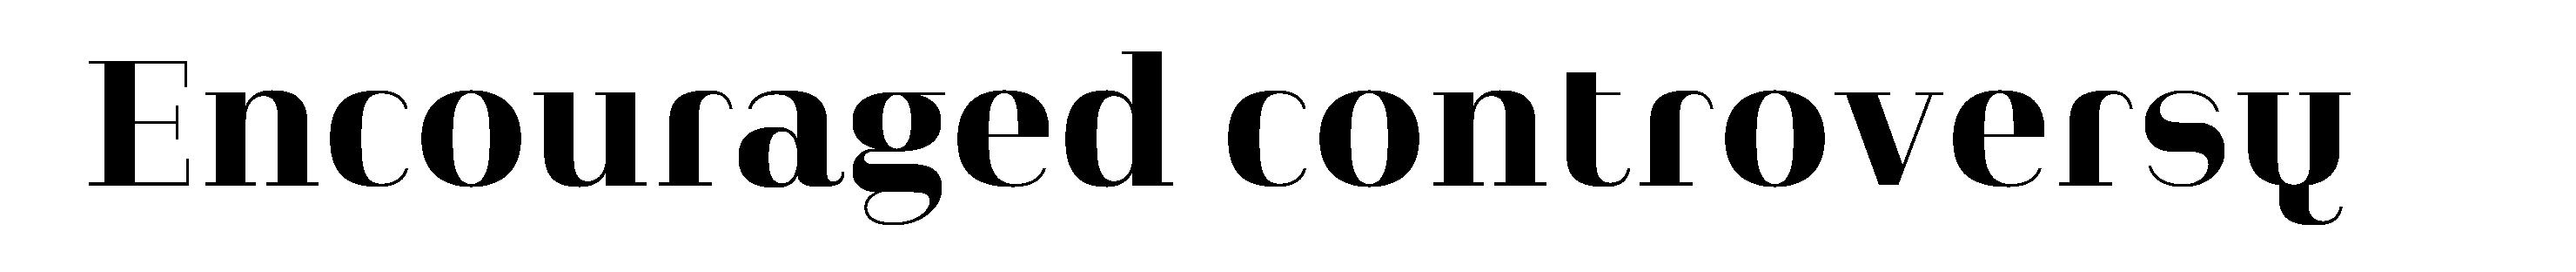 Typeface Heimat Didone D06 Atlas Font Foundry